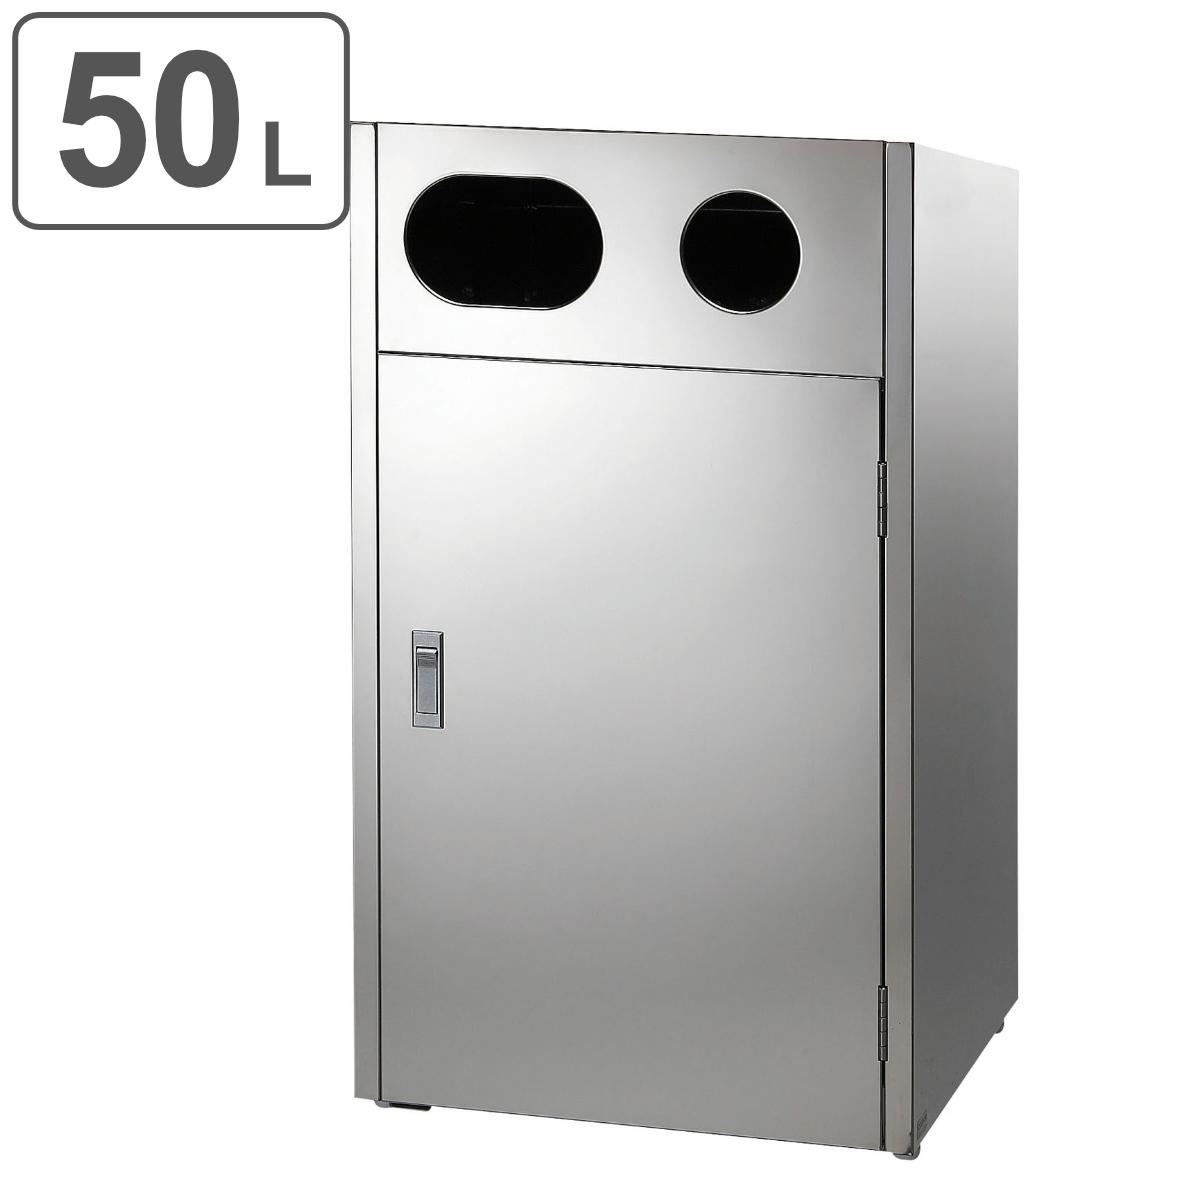 【即日発送】 ゴミ箱 MT ゴミ箱 リサイクルボックス MT 送料無料 L9 送料無料, 味千拉麺 通販事業部:56b99ab3 --- construart30.dominiotemporario.com